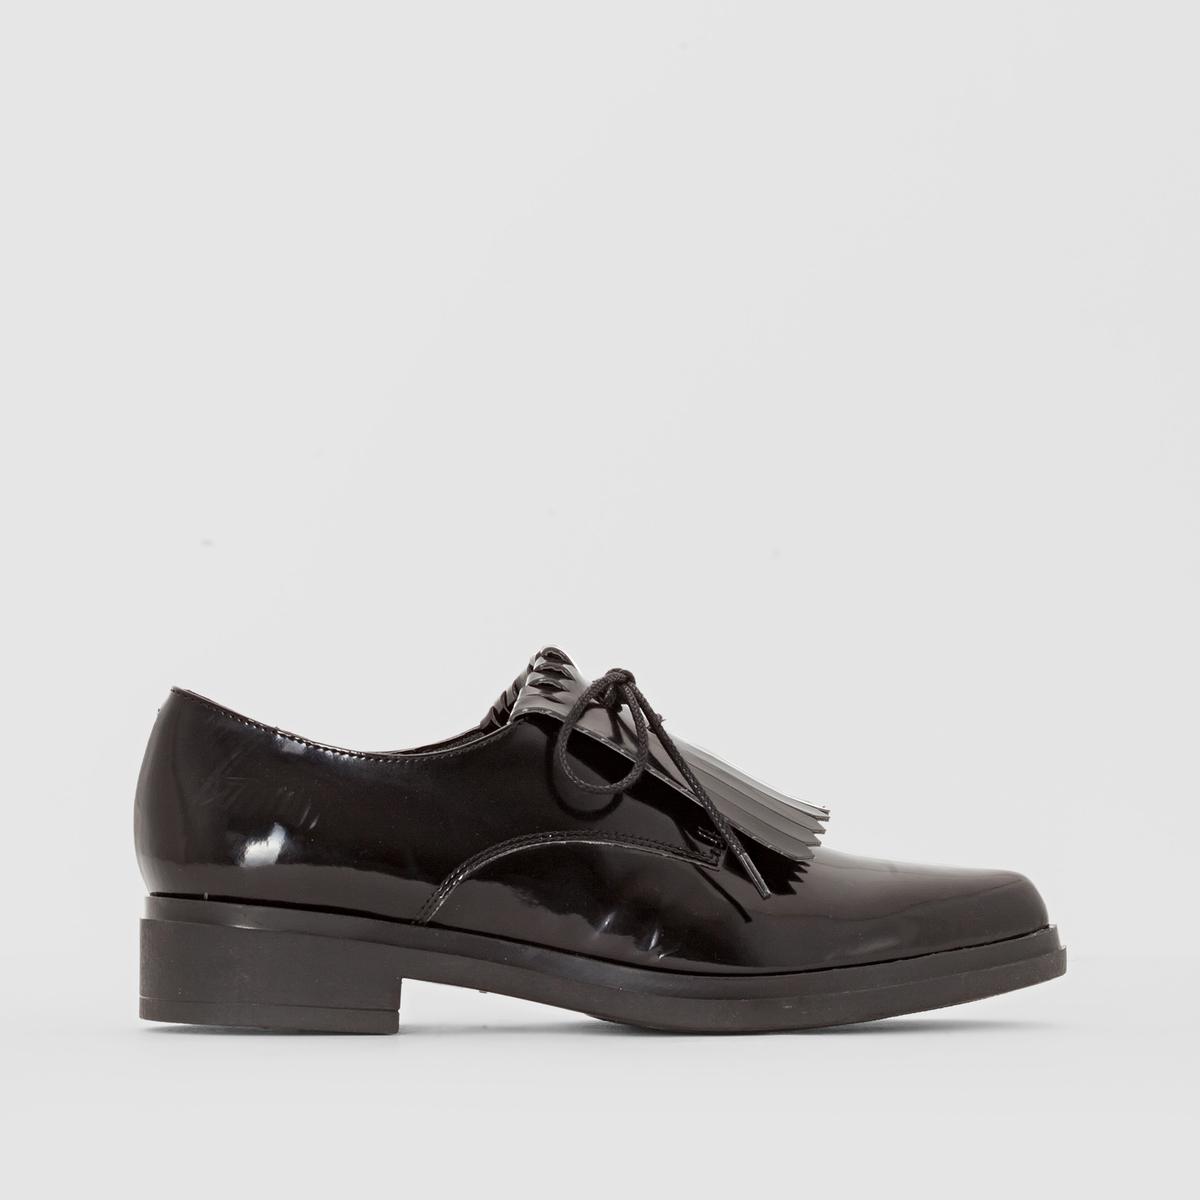 Ботинки-дерби с мексиканской планкой<br><br>Цвет: черный<br>Размер: 36.41.37